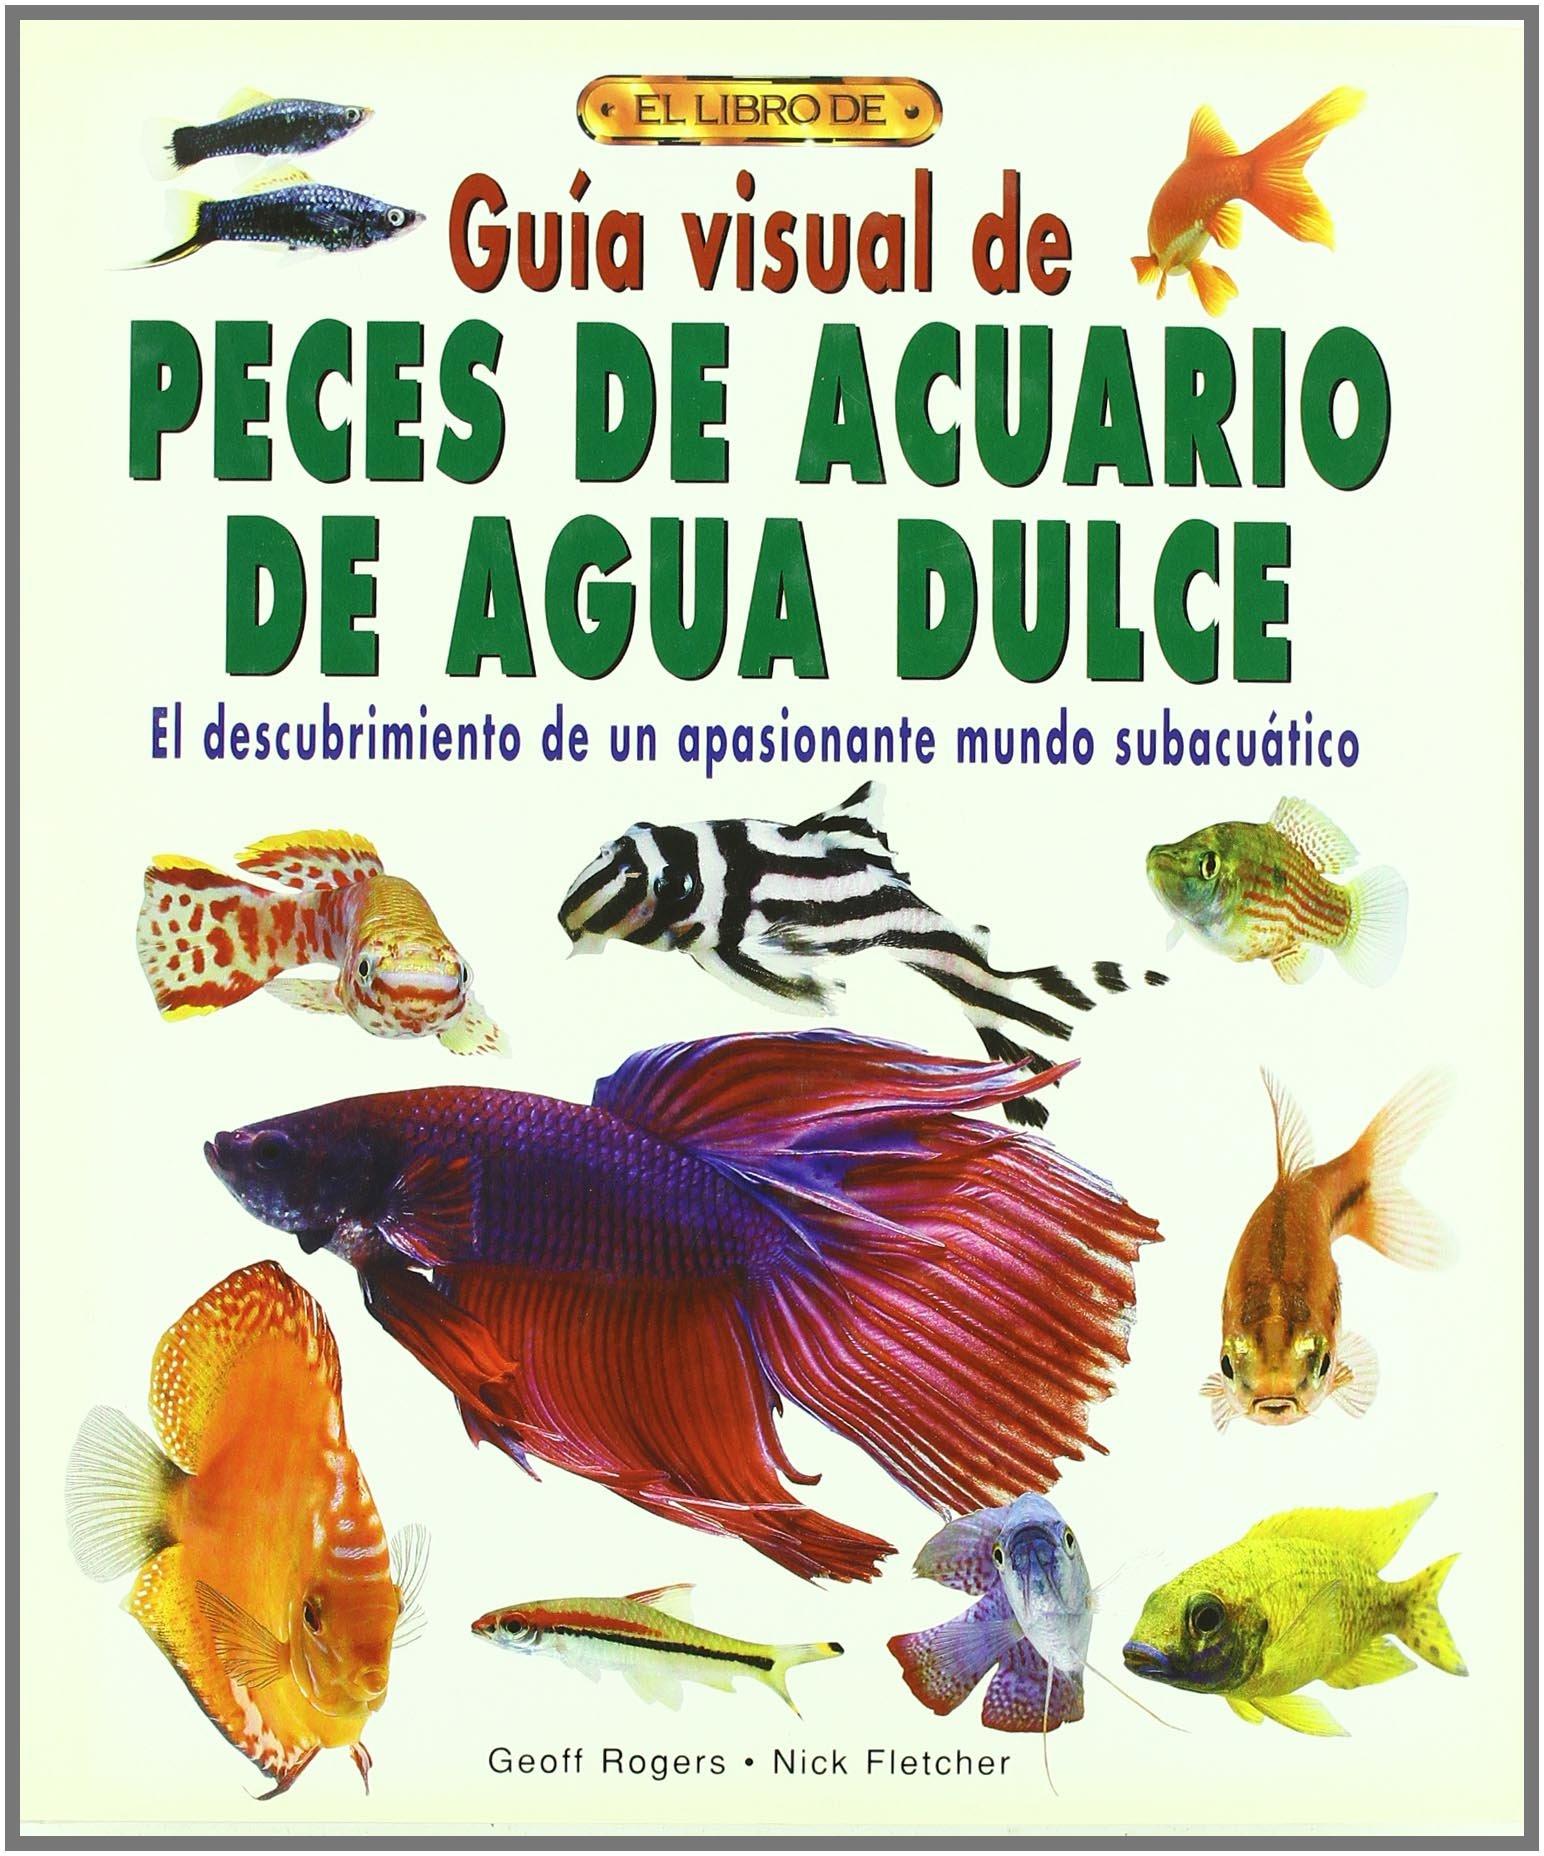 Guia Visual de Peces de Acuario de Agua Dulce (2004) (Spanish) Hardcover – 2013